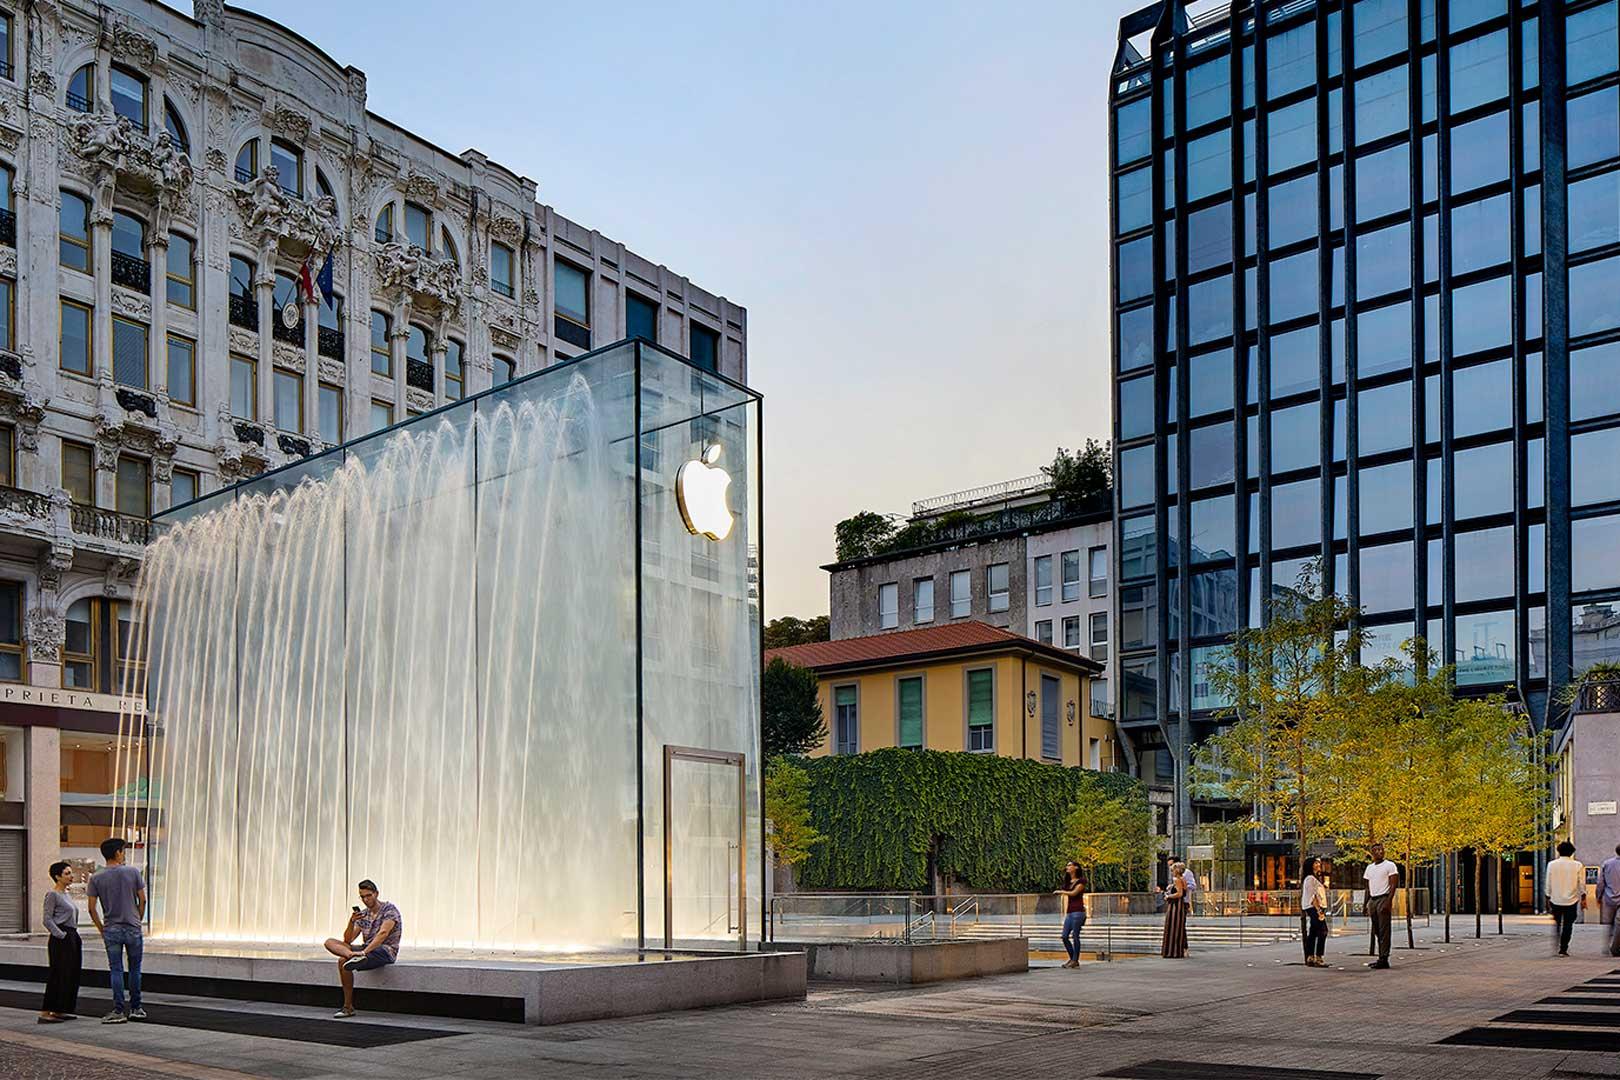 Marco Mengoni in concerto gratis a Milano il 28 marzo fuori dall'Apple Store